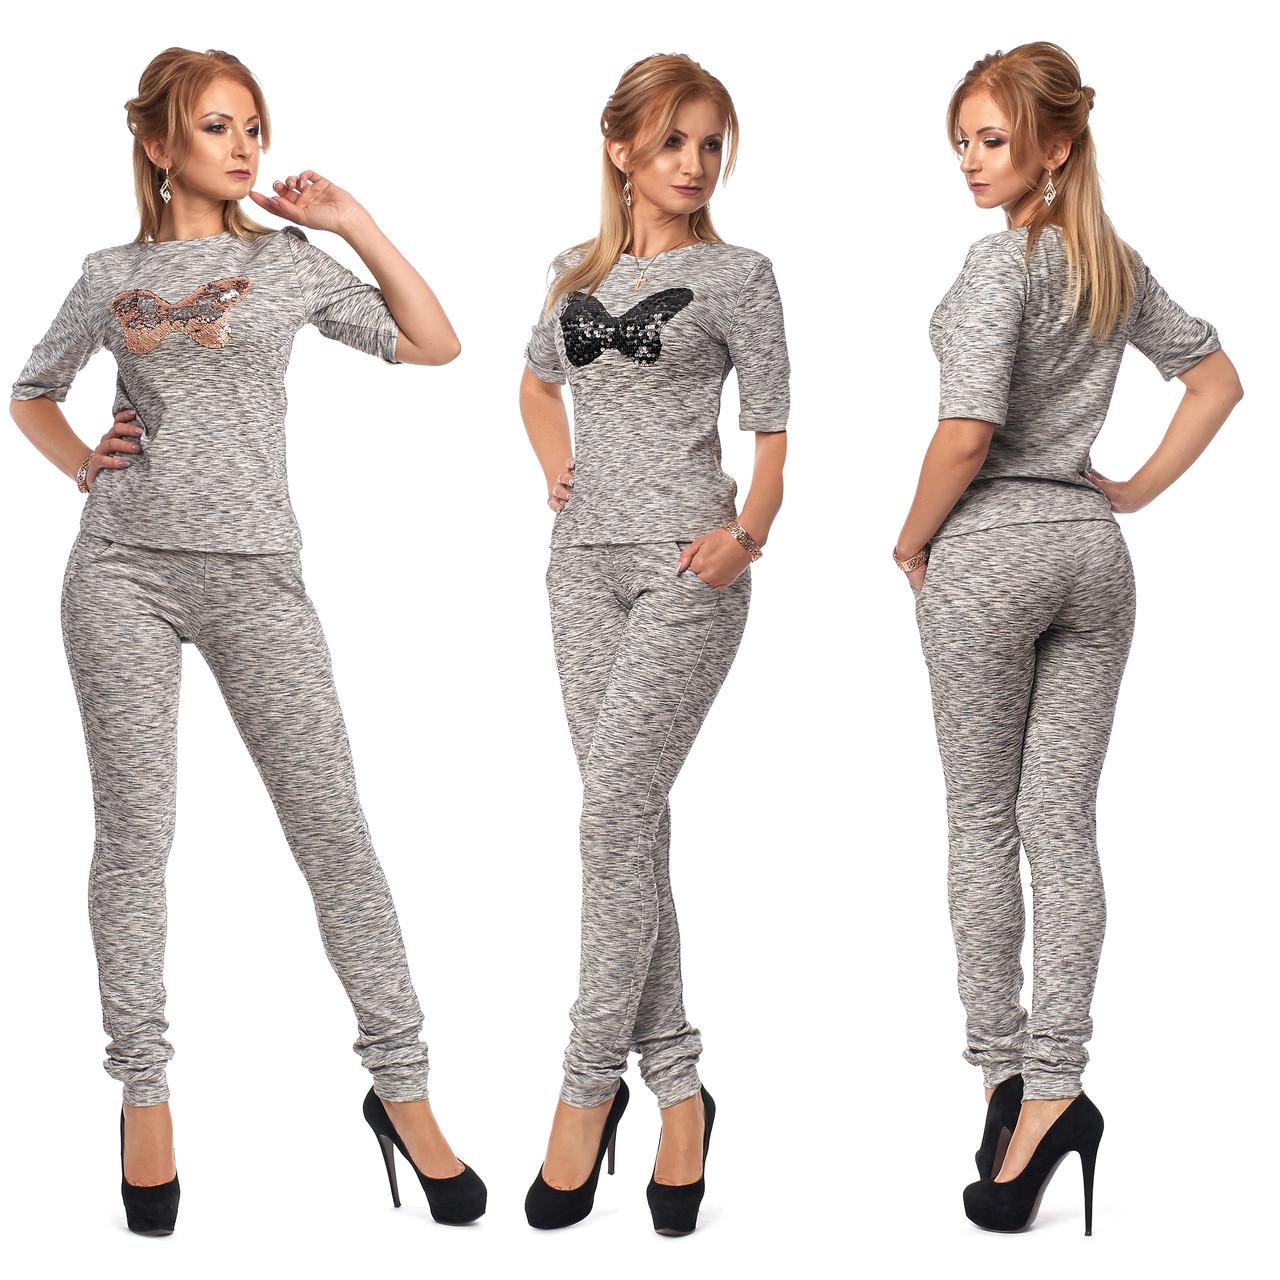 Купить Элегантный женский спортивный костюм с бабочкой из пайеток по ... c35b5d54d95